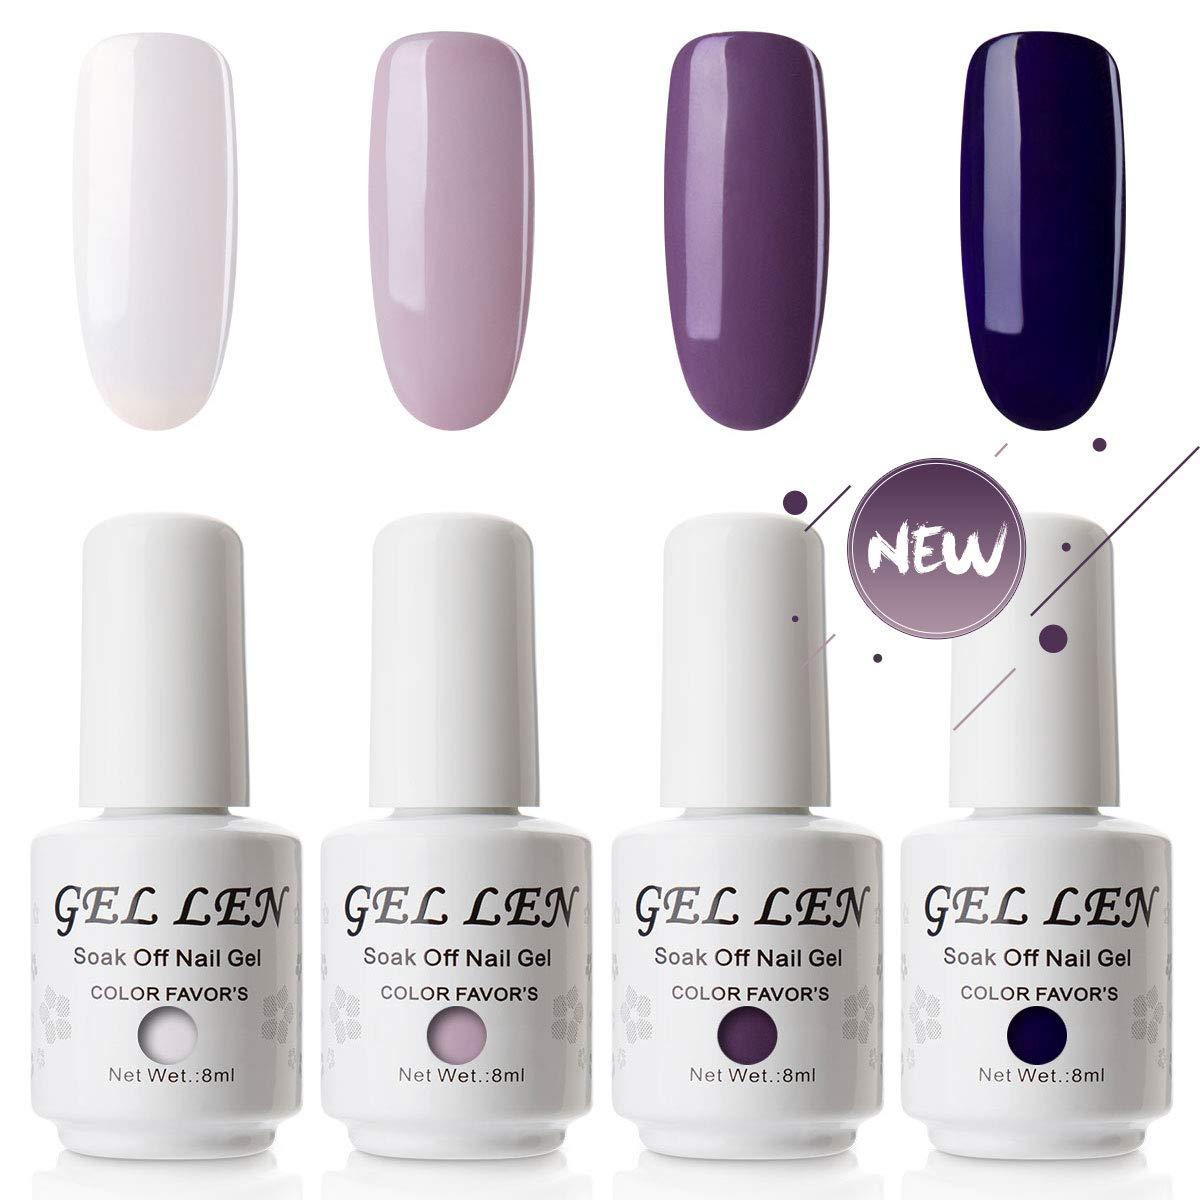 Vernis Gel Semi Permanent - Gellen Vernis à Ongles Nail Gel UV LED Soak off Manucure Kit 6×8ml, Nouveauté 03 Ltd.